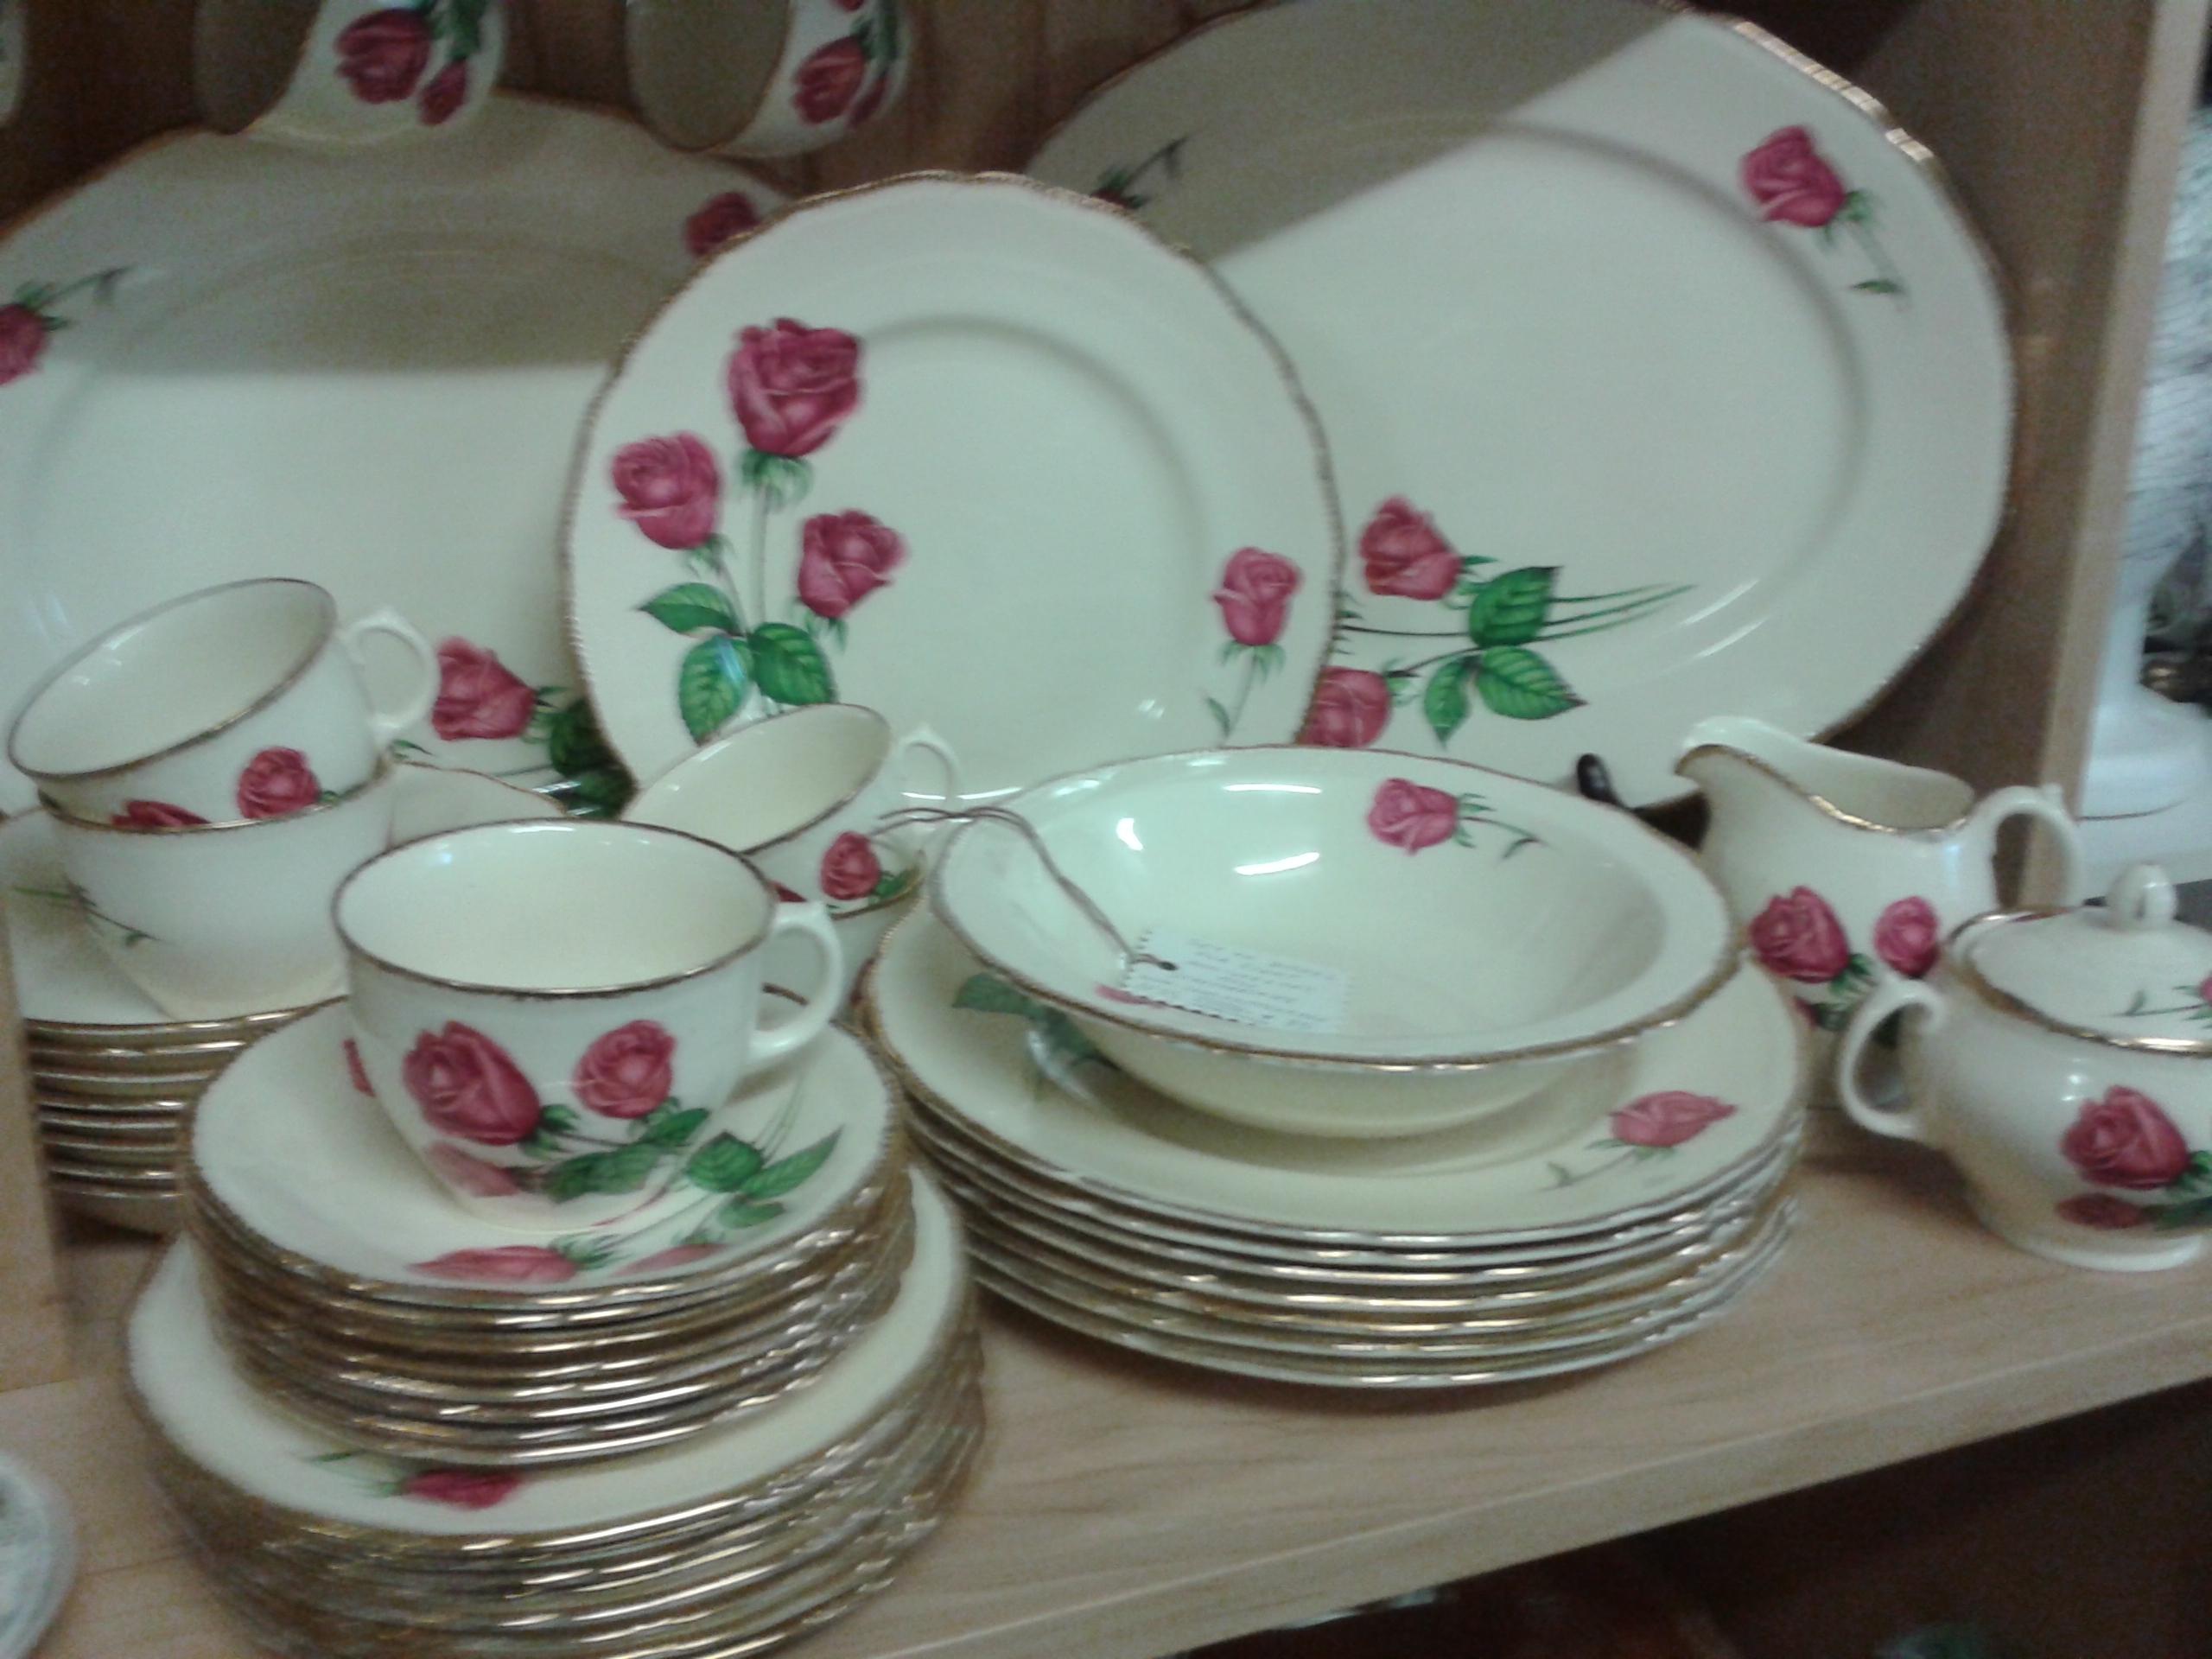 royal swan staffordshire anniversary rose complete dish set fabfindsblog. Black Bedroom Furniture Sets. Home Design Ideas